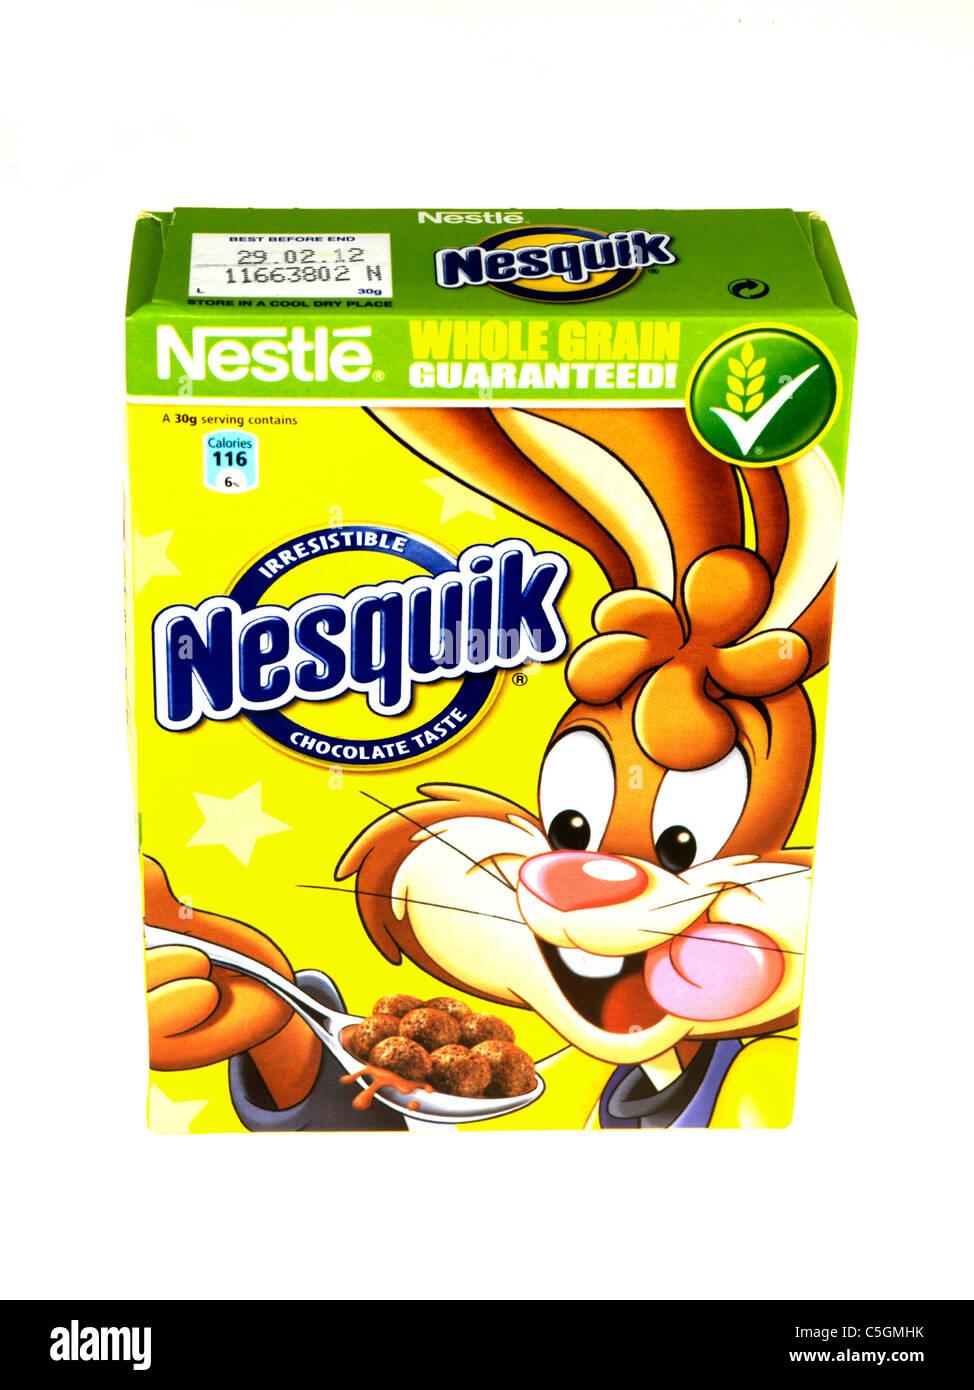 Nesquik Stock Photos Amp Nesquik Stock Images Alamy